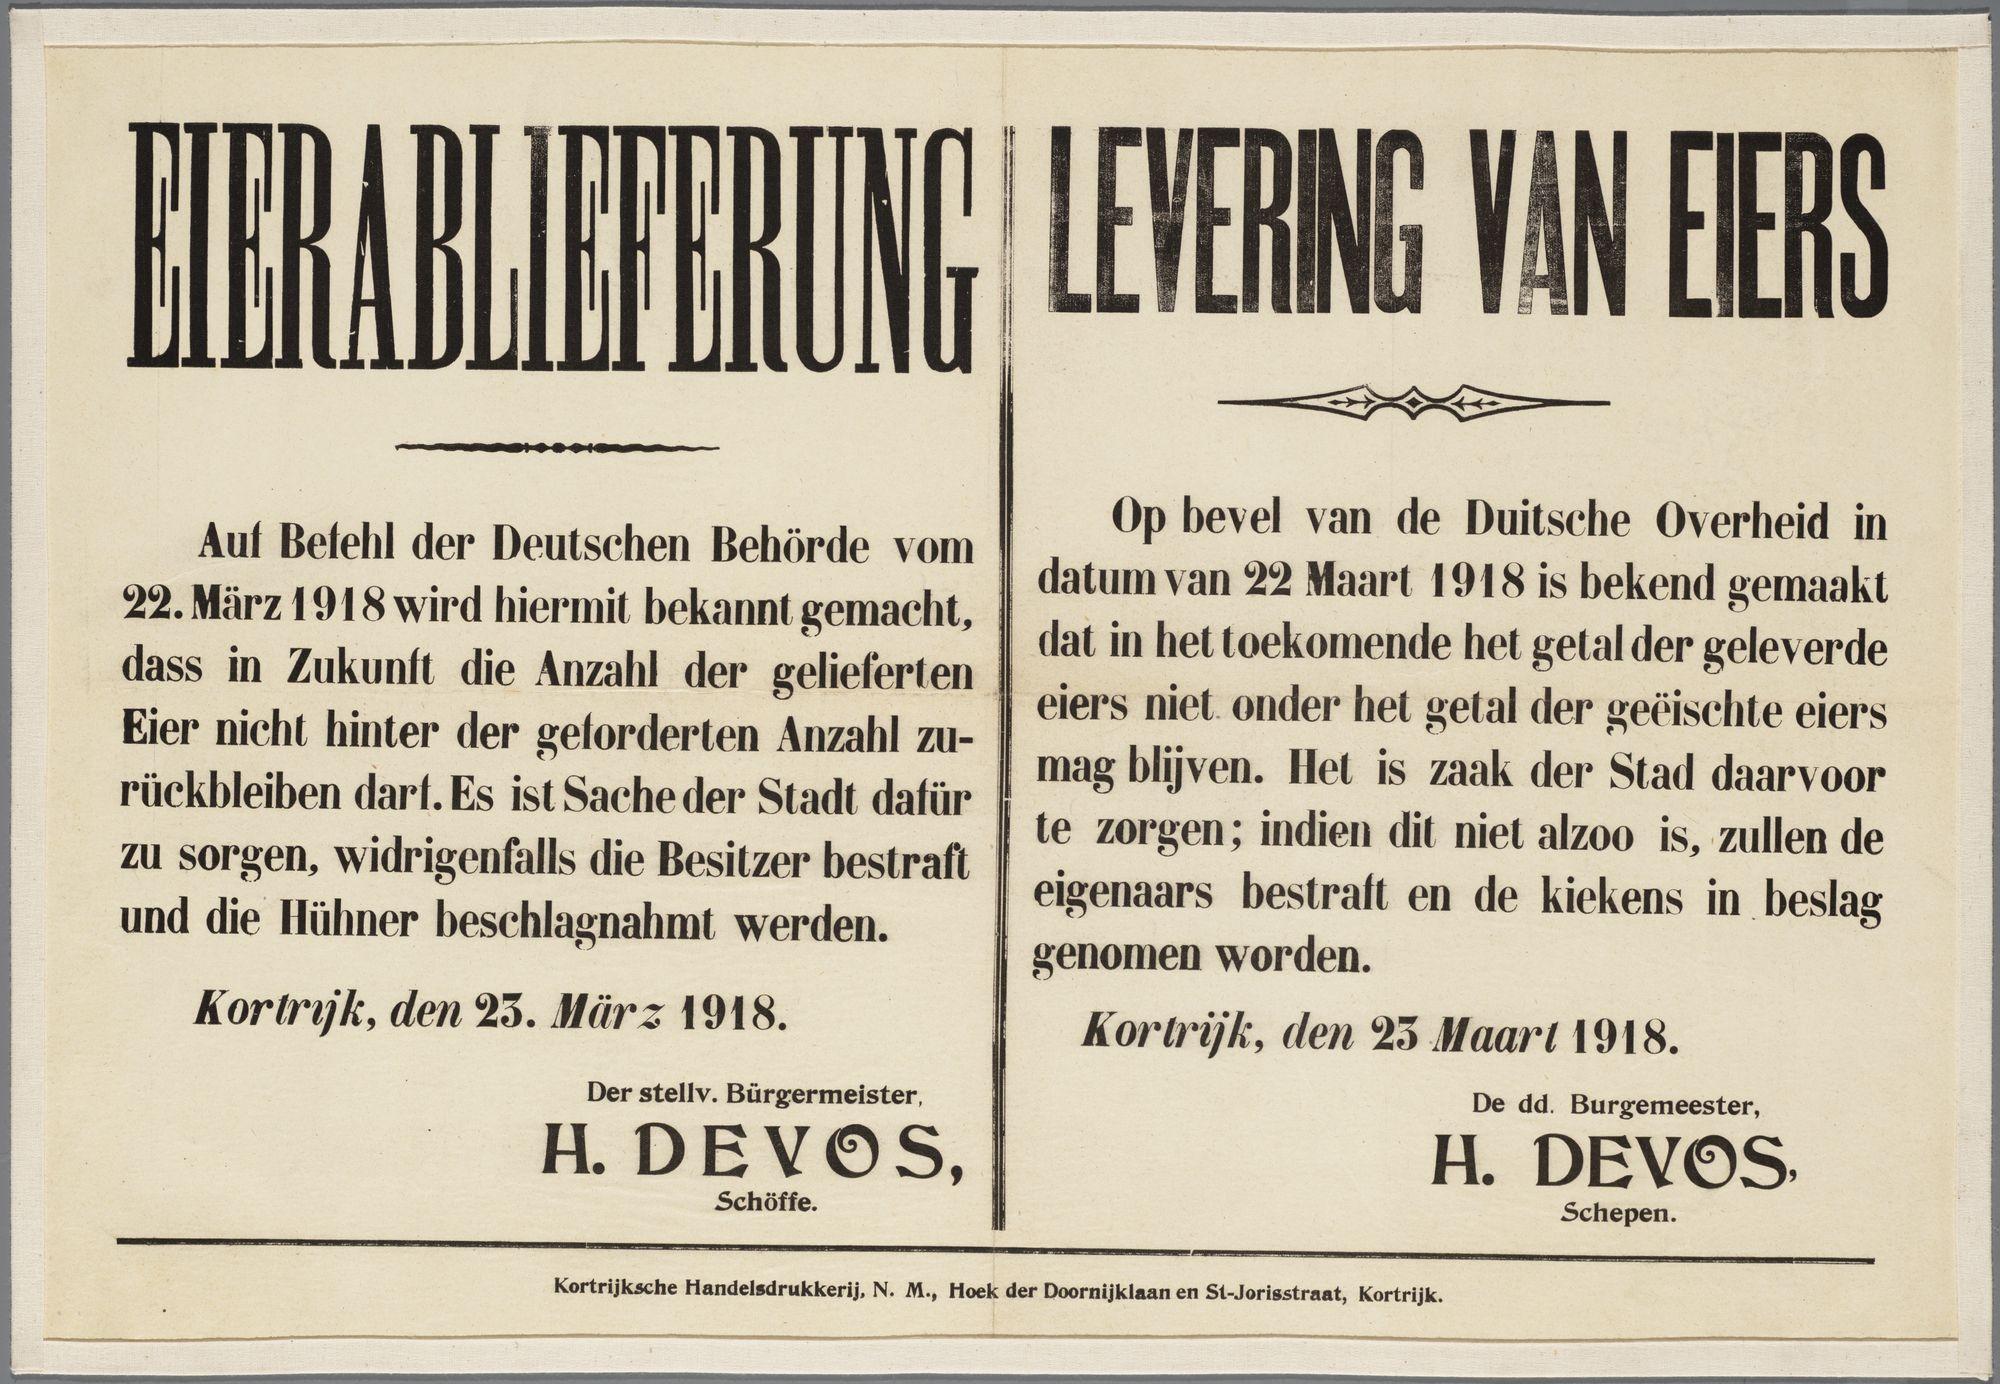 Bekendmaking van de Duitse Militaire overheid  1918